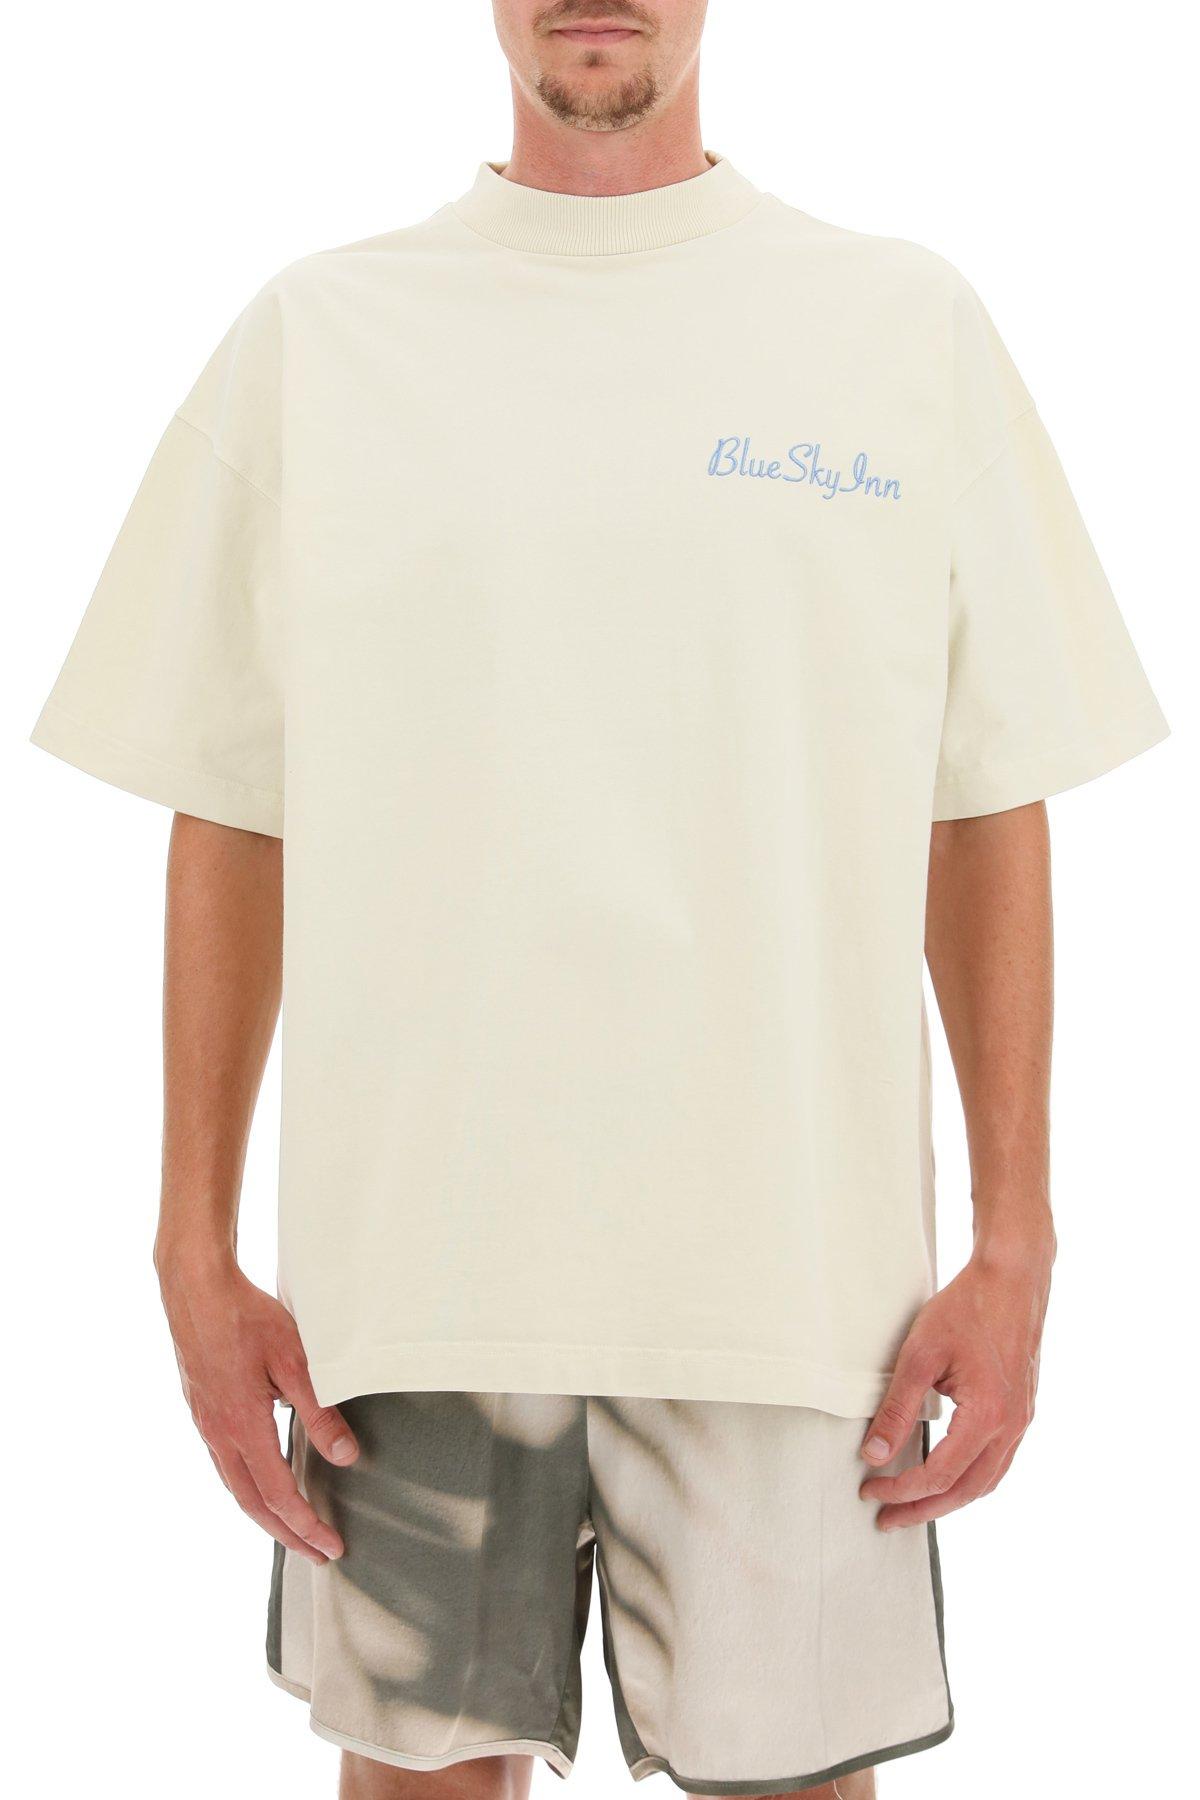 Blue sky inn t-shirt oversize con ricamo logo